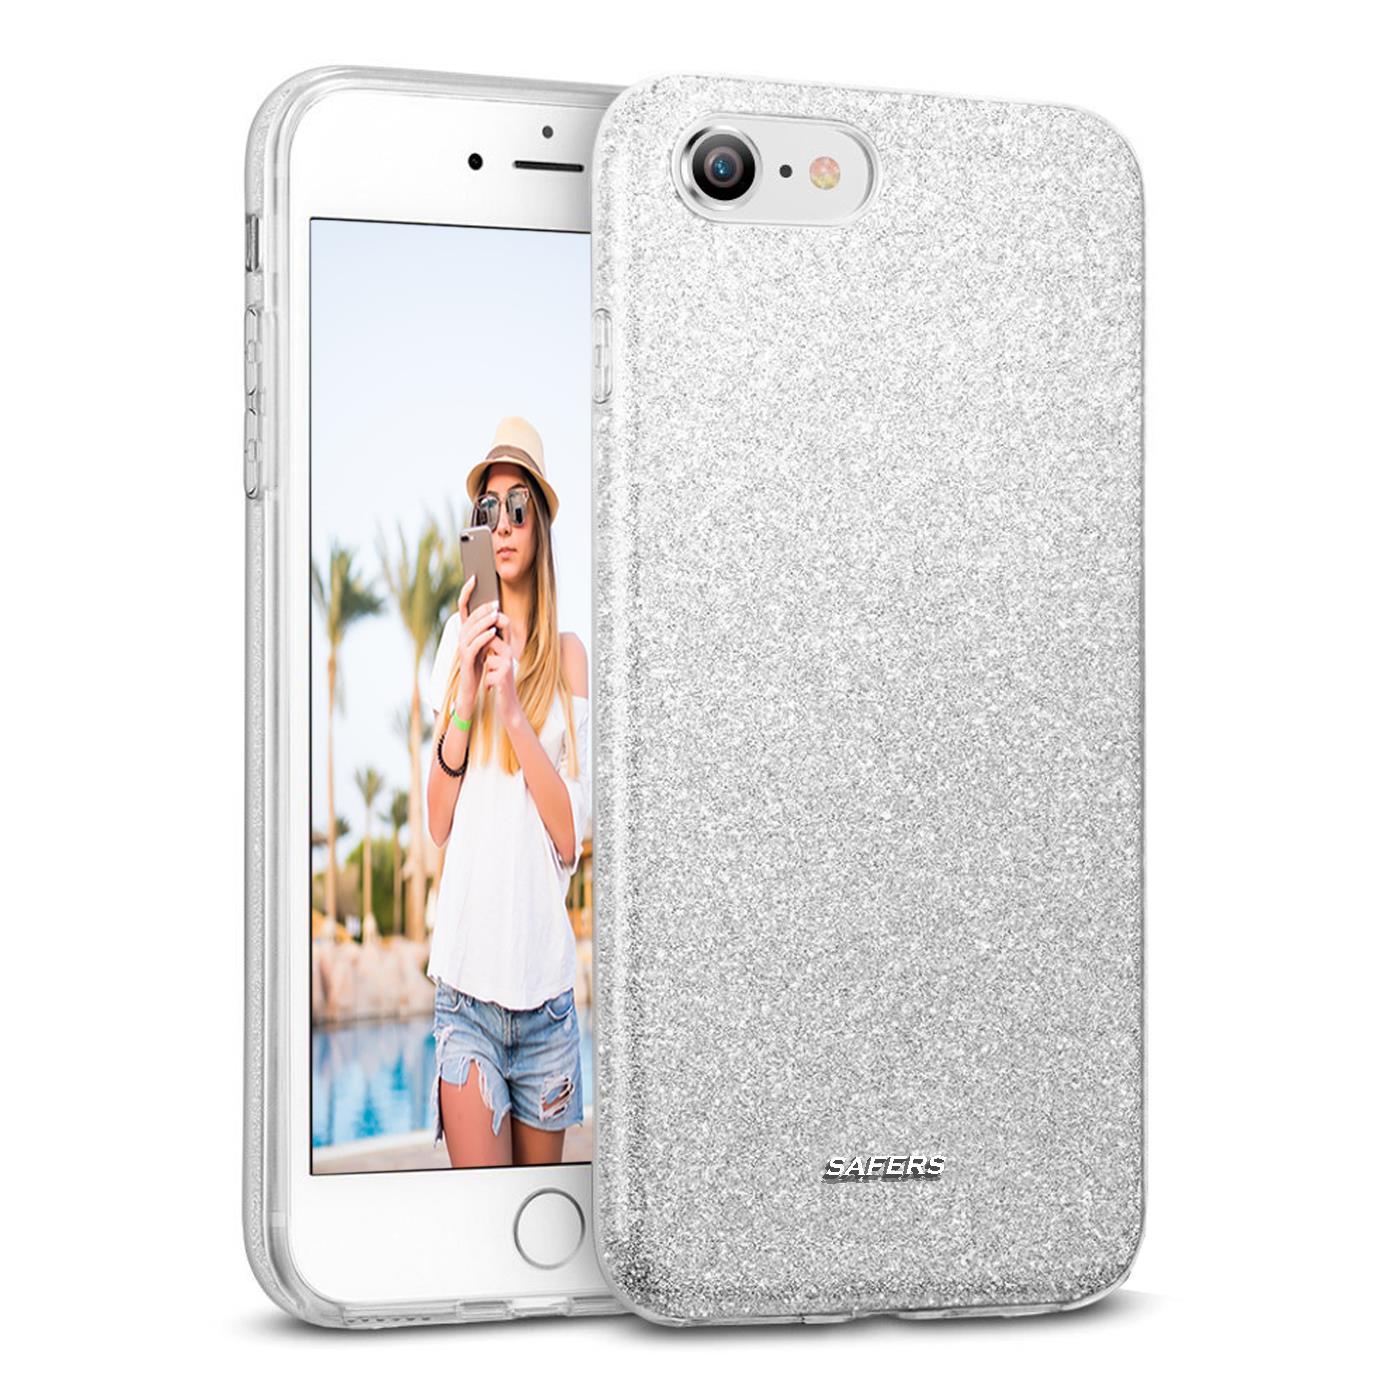 Handy-Glitzer-Huelle-fuer-Apple-iPhone-Slim-TPU-Cover-Case-Silikon-Schutz-Tasche Indexbild 16